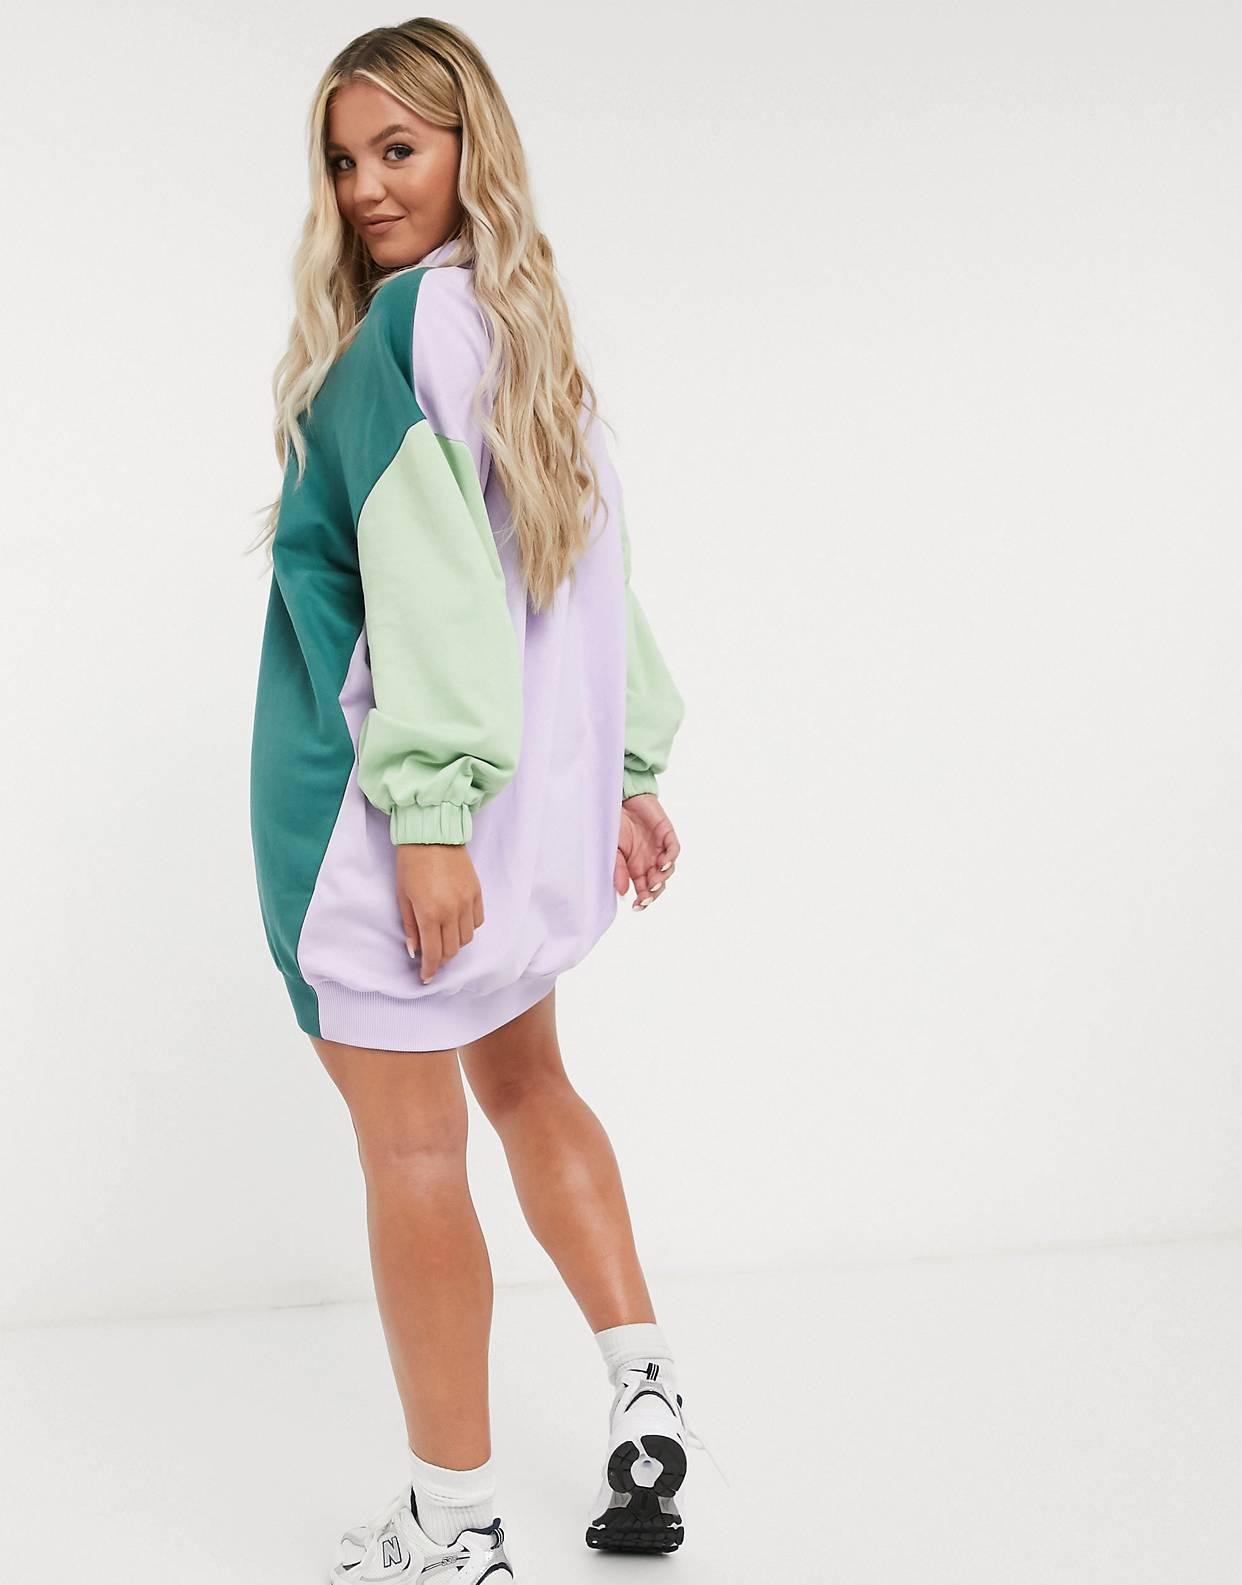 Vestido corto y extragrande estilo sudadera con cuello y diseño colour block en salvia y violeta de ASOS DESIGN